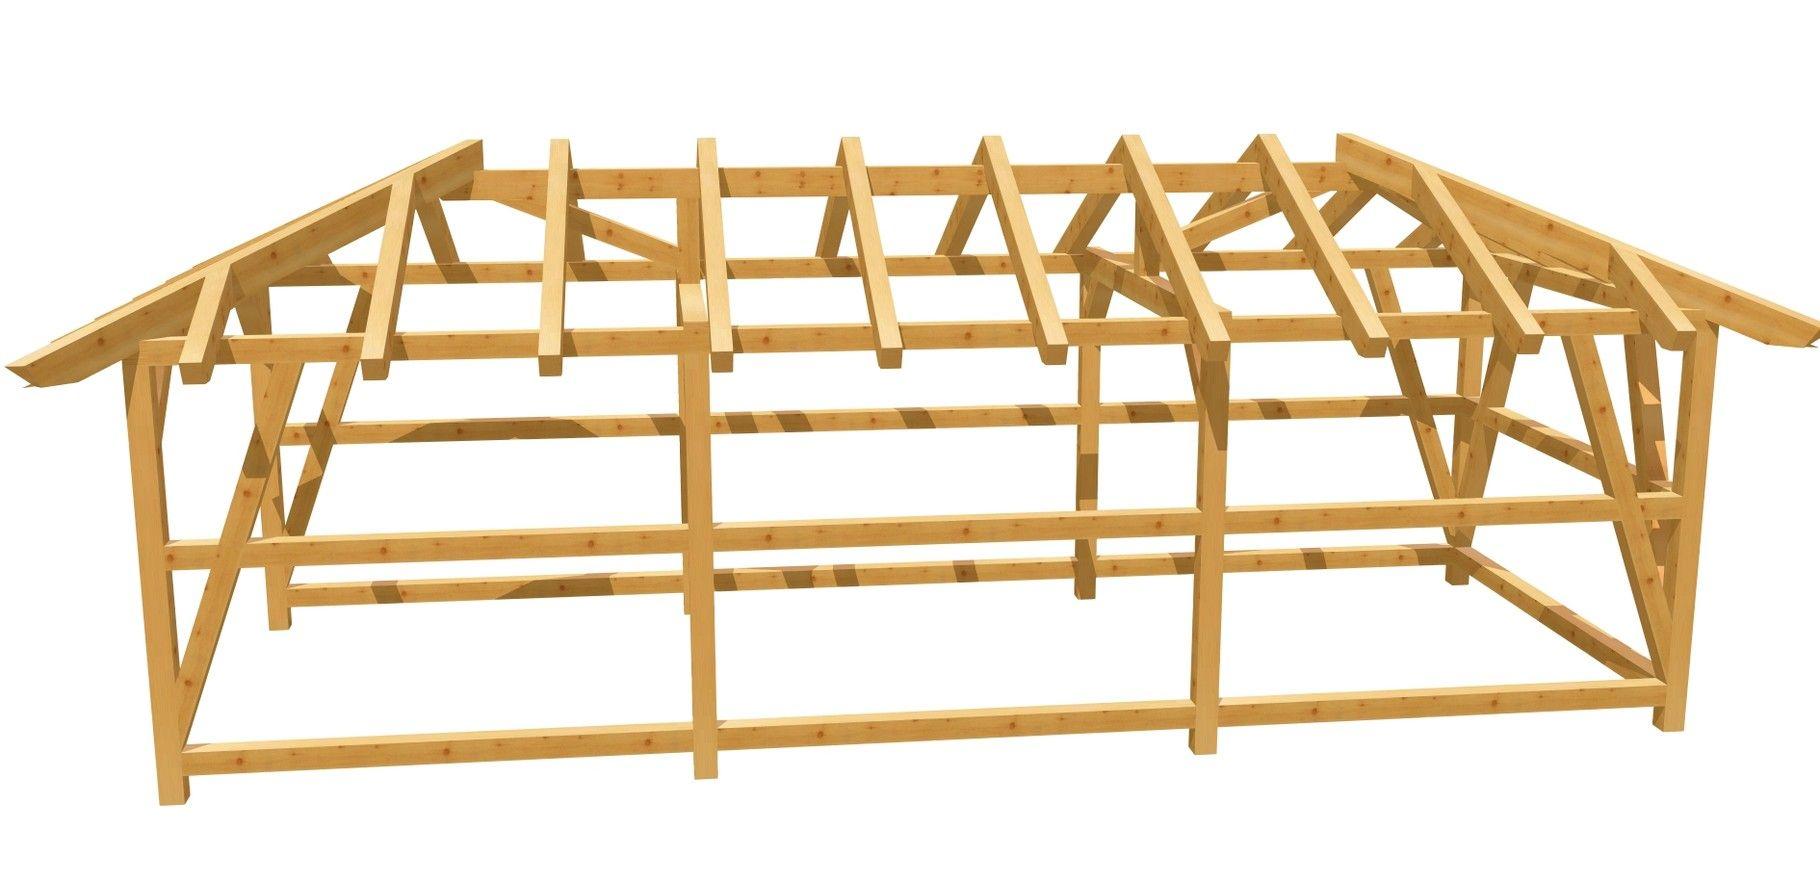 Carports Aus Holz Selber Bauen Garage Mit Carport Preise